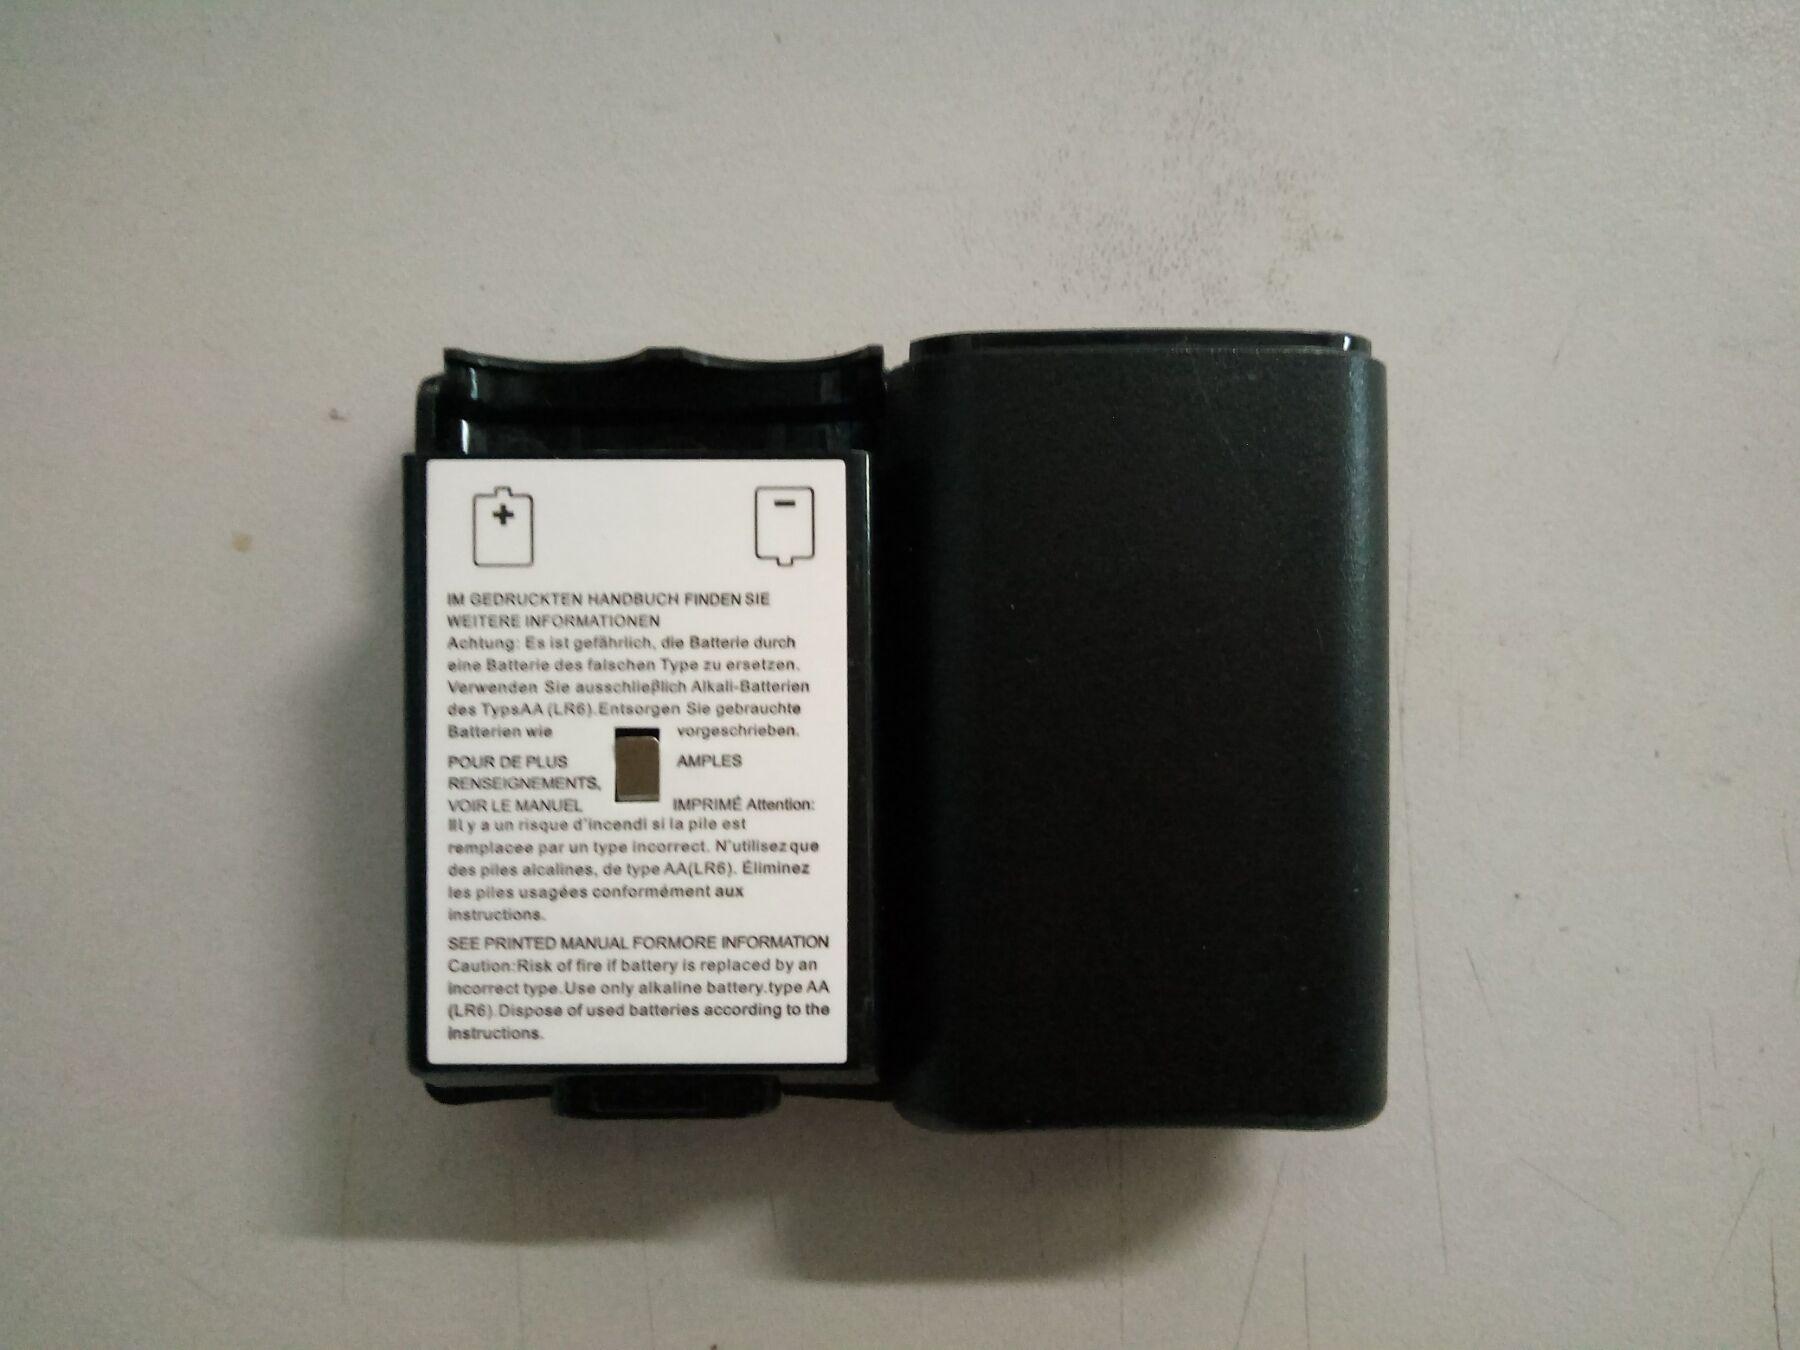 XBOX360 обрабатывать аккумулятор склад черный стране свойство пекин площадь покупатели может самостоятельно взять